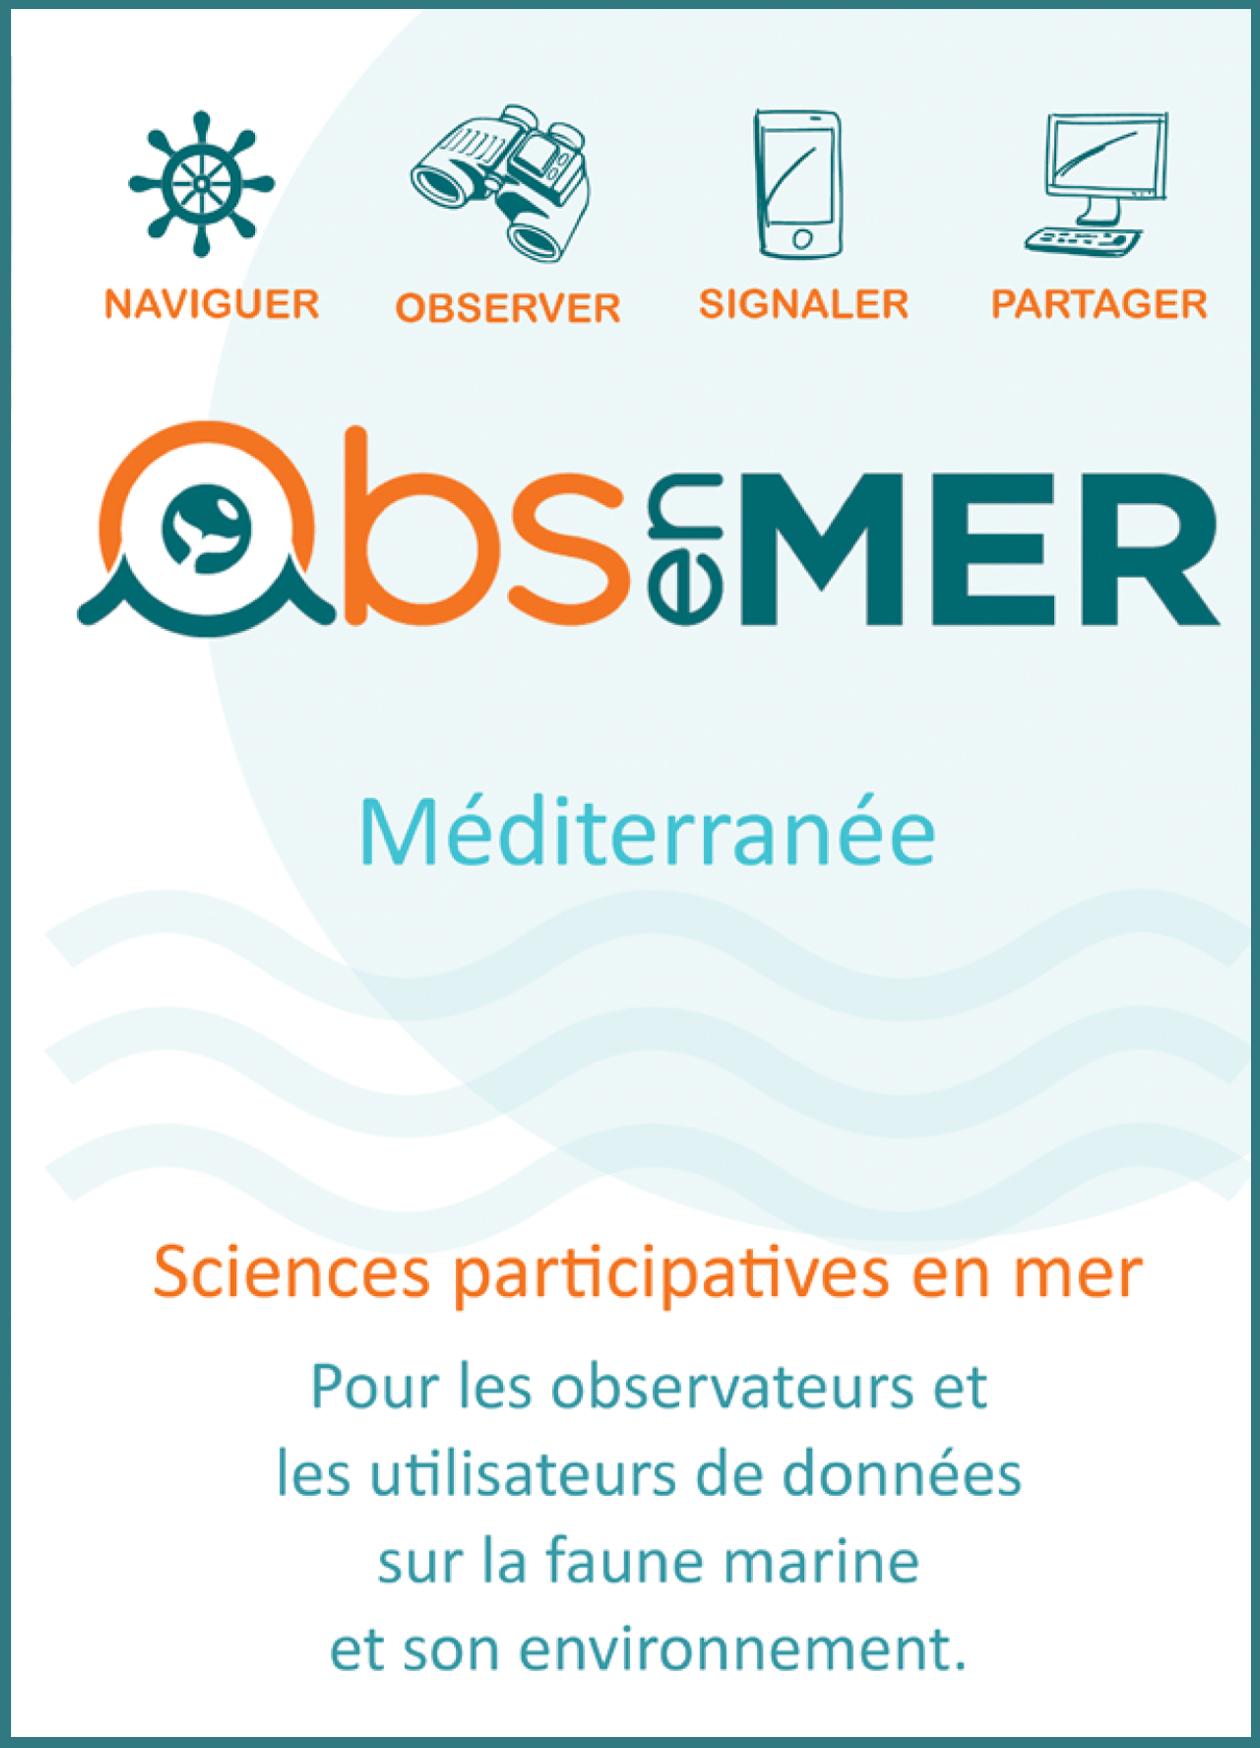 NL 48 OBSenMER cover sheet